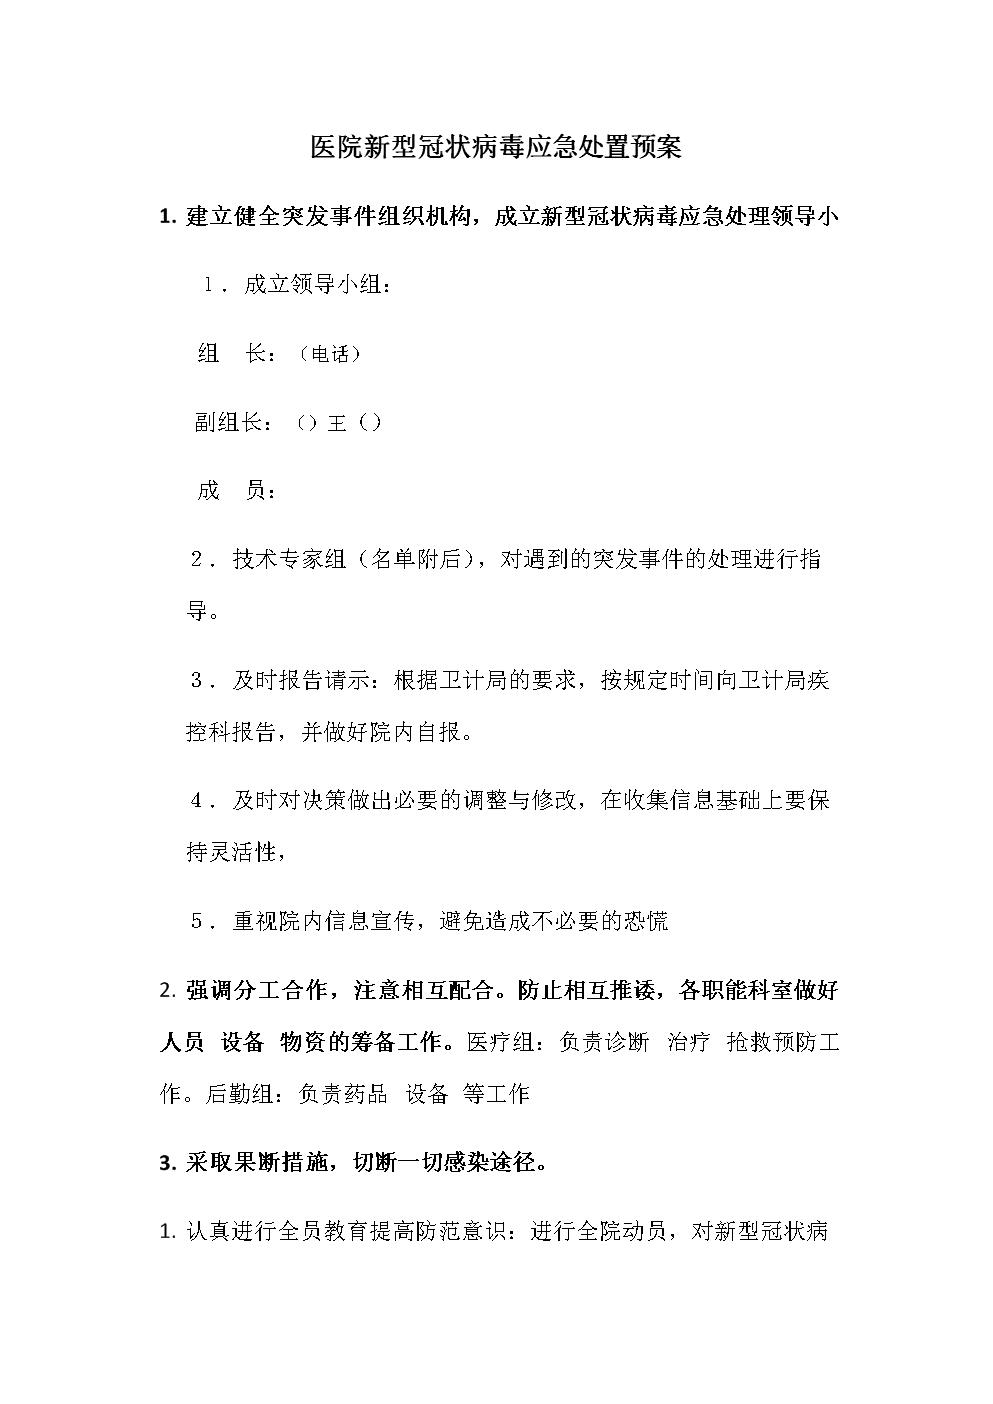 新型冠状病毒预案.docx